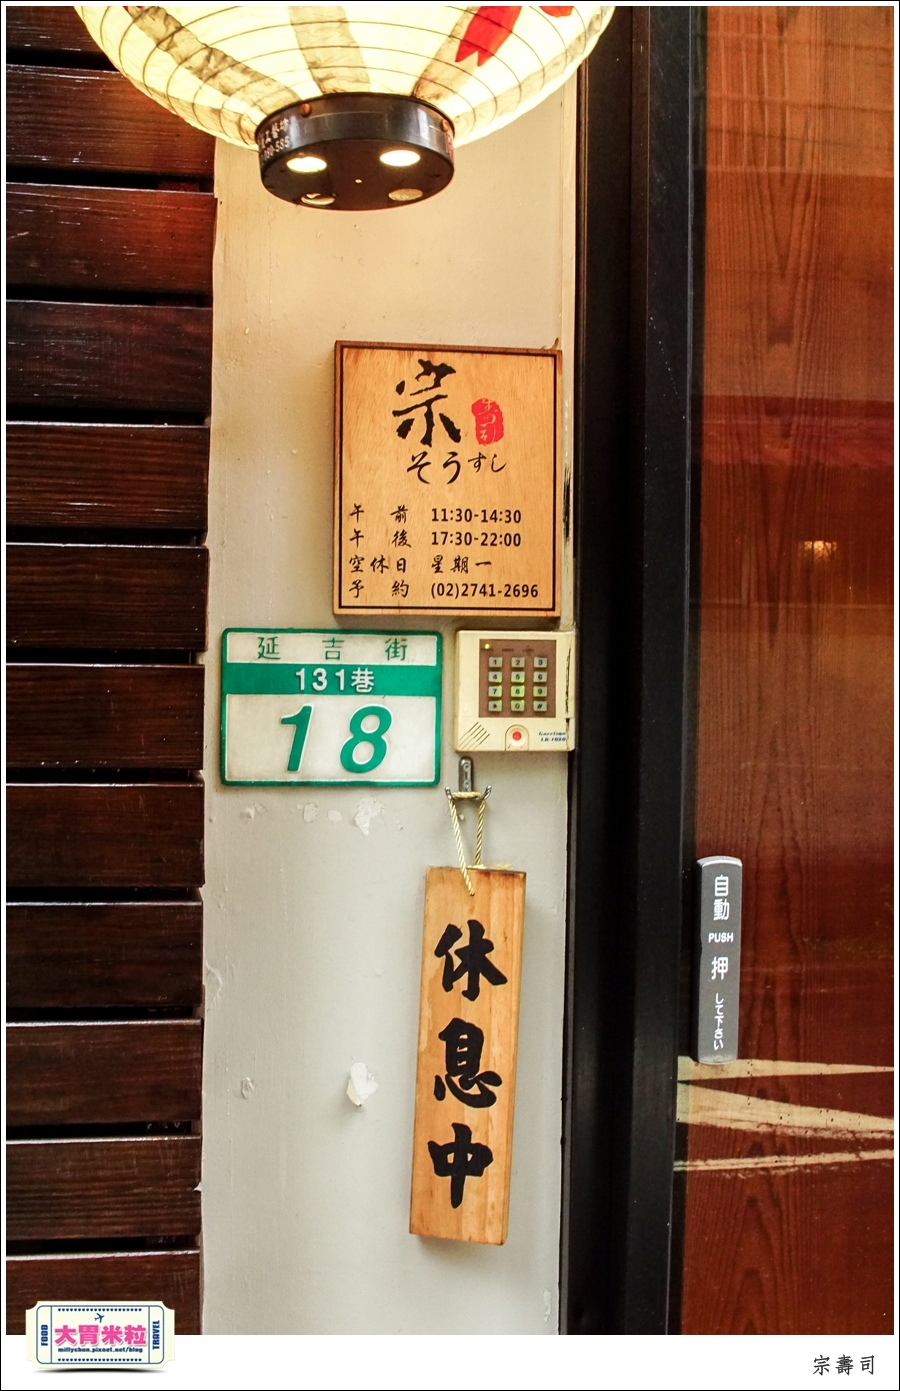 台北無菜單日式料理推薦-宗壽司-延吉街美食@大胃米粒0068.jpg